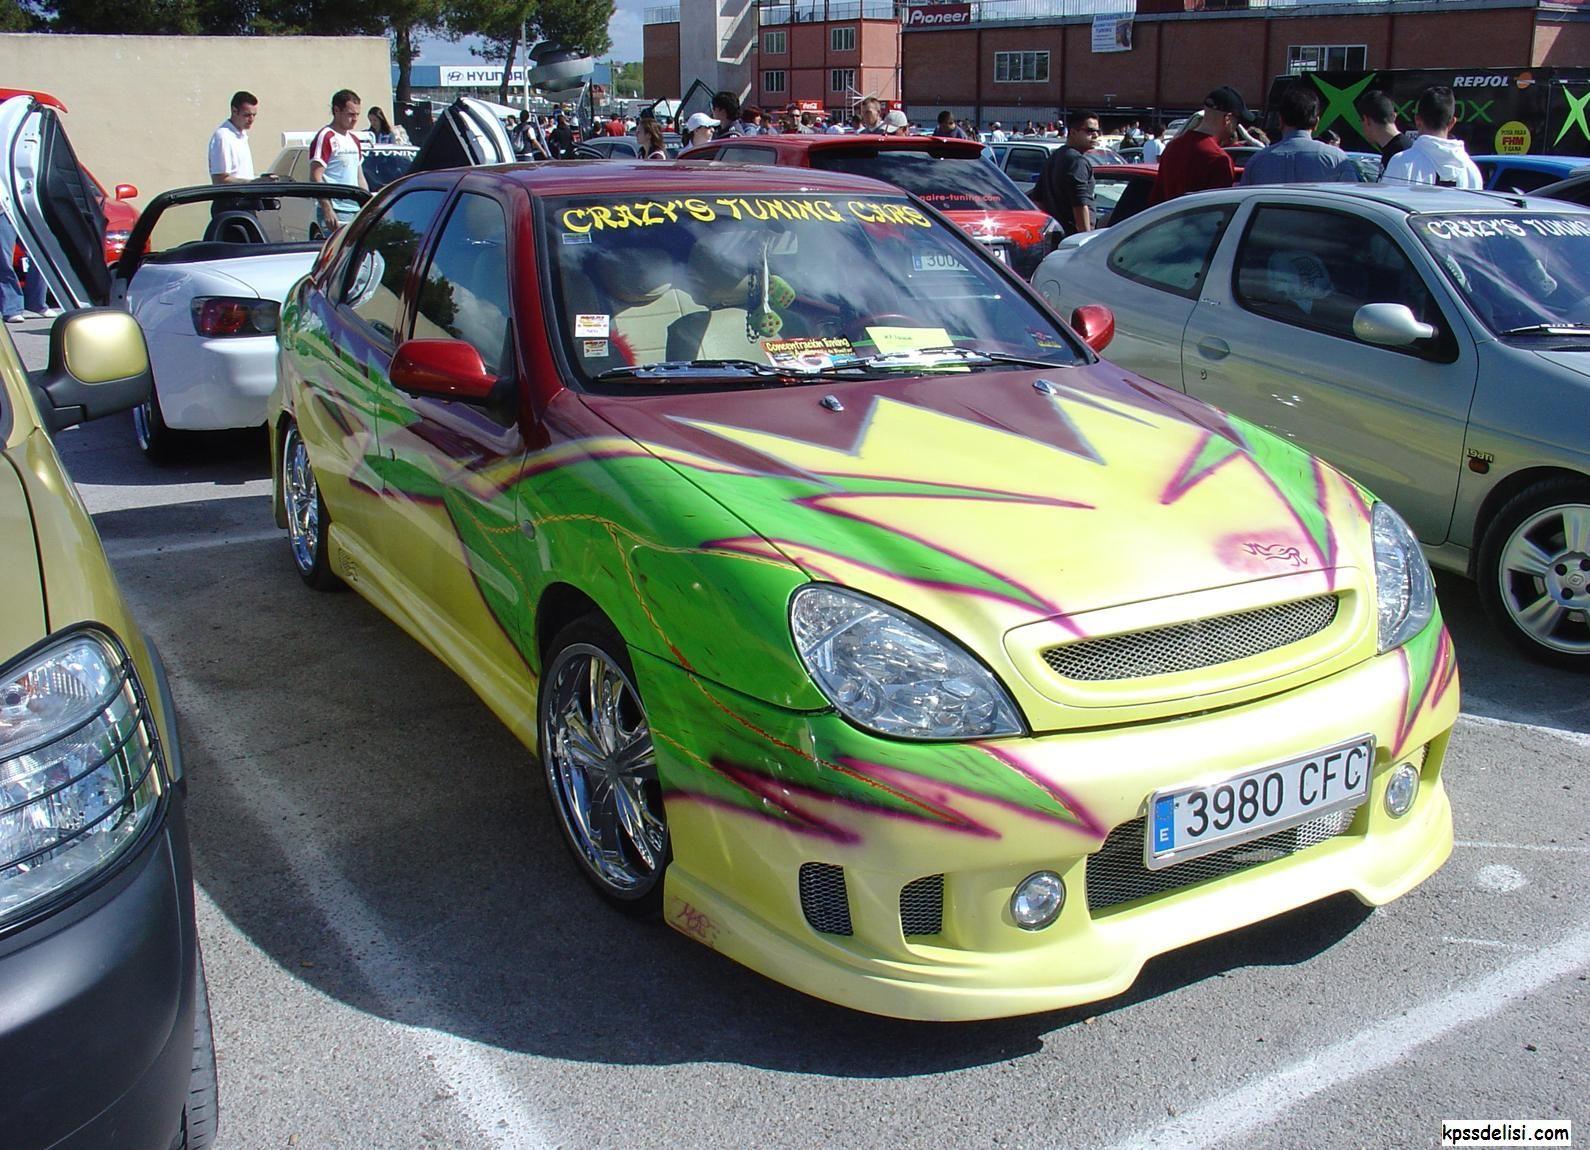 Modifiyeli Araba Resimleri Araba Modifiye Arabalar Spor Arabalar